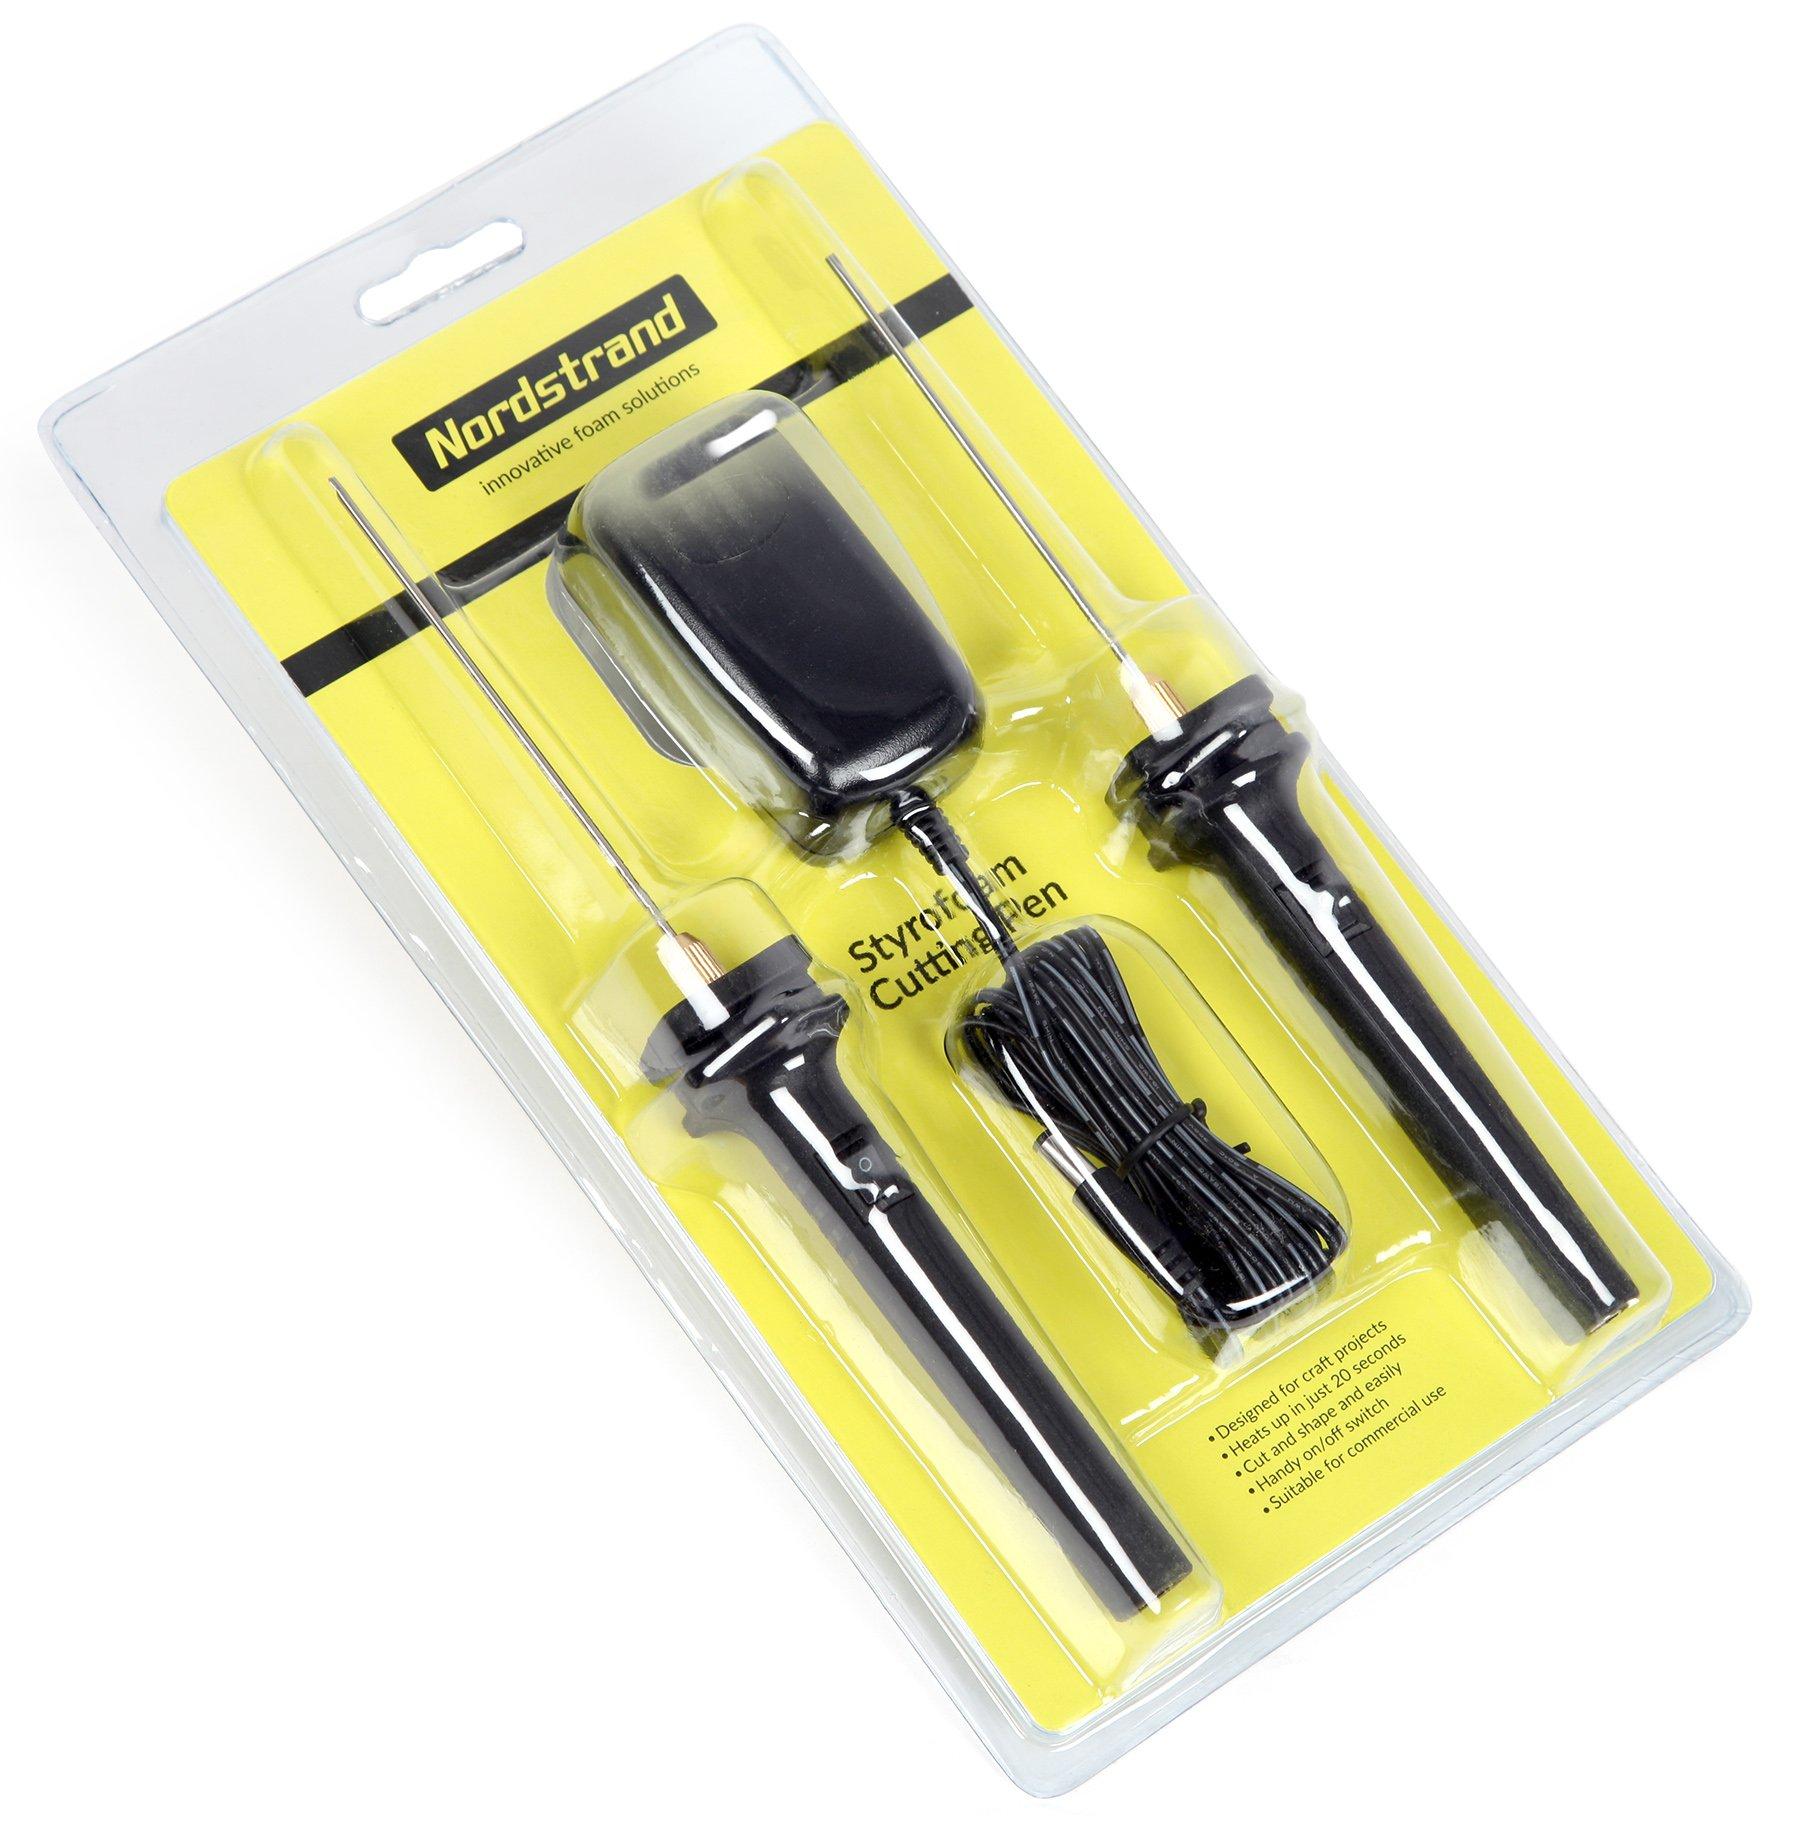 Nordstrand Electric Styrofoam Cutter - Hot Wire Styro Foam Cutting Pen Knife Tool - 2 x Pen Cutters